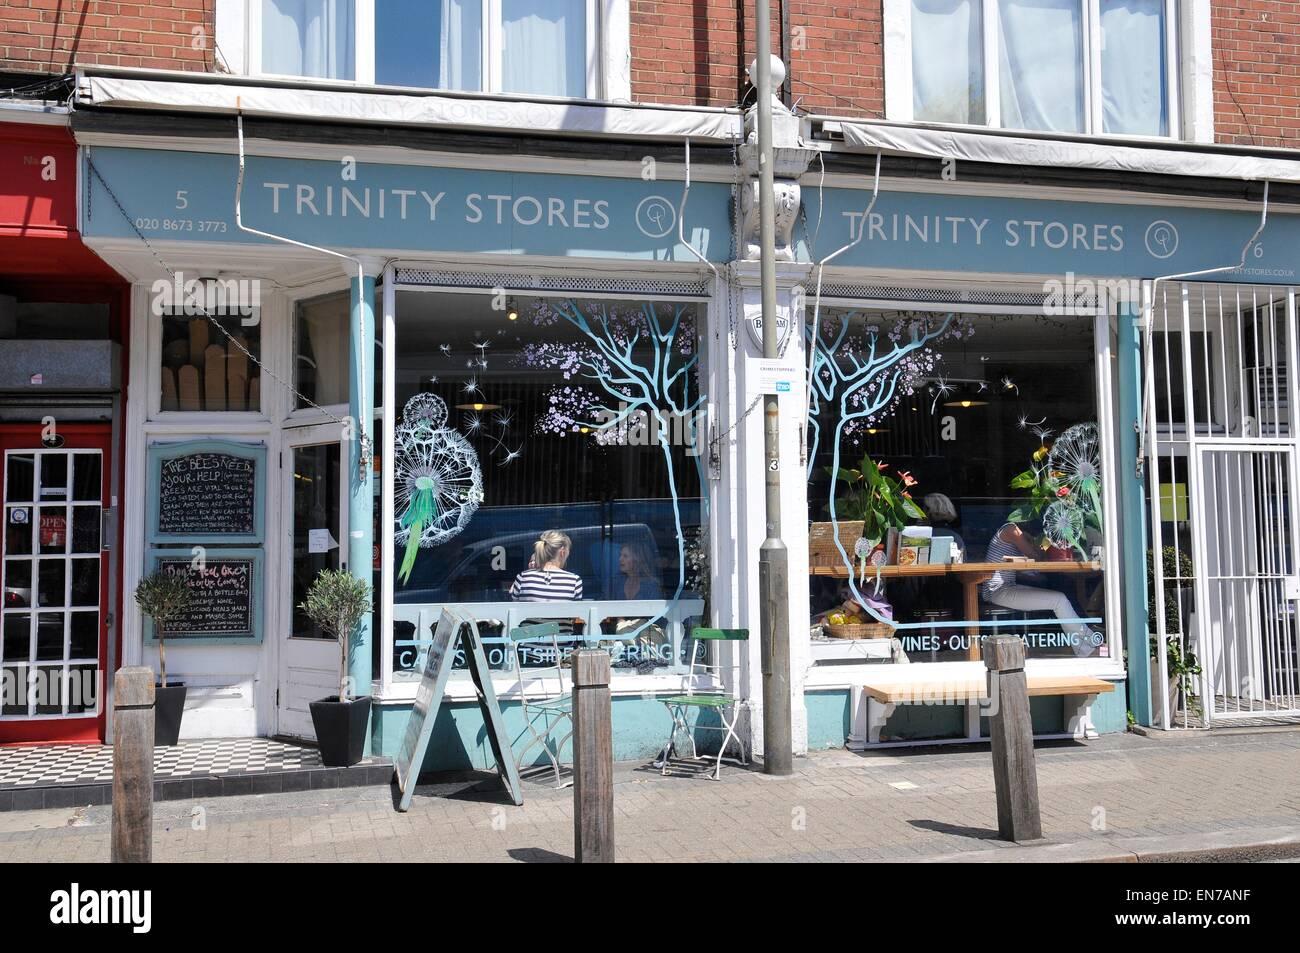 Trinity Stores Cafe and Deli, Balham, London, England, UK - Stock Image